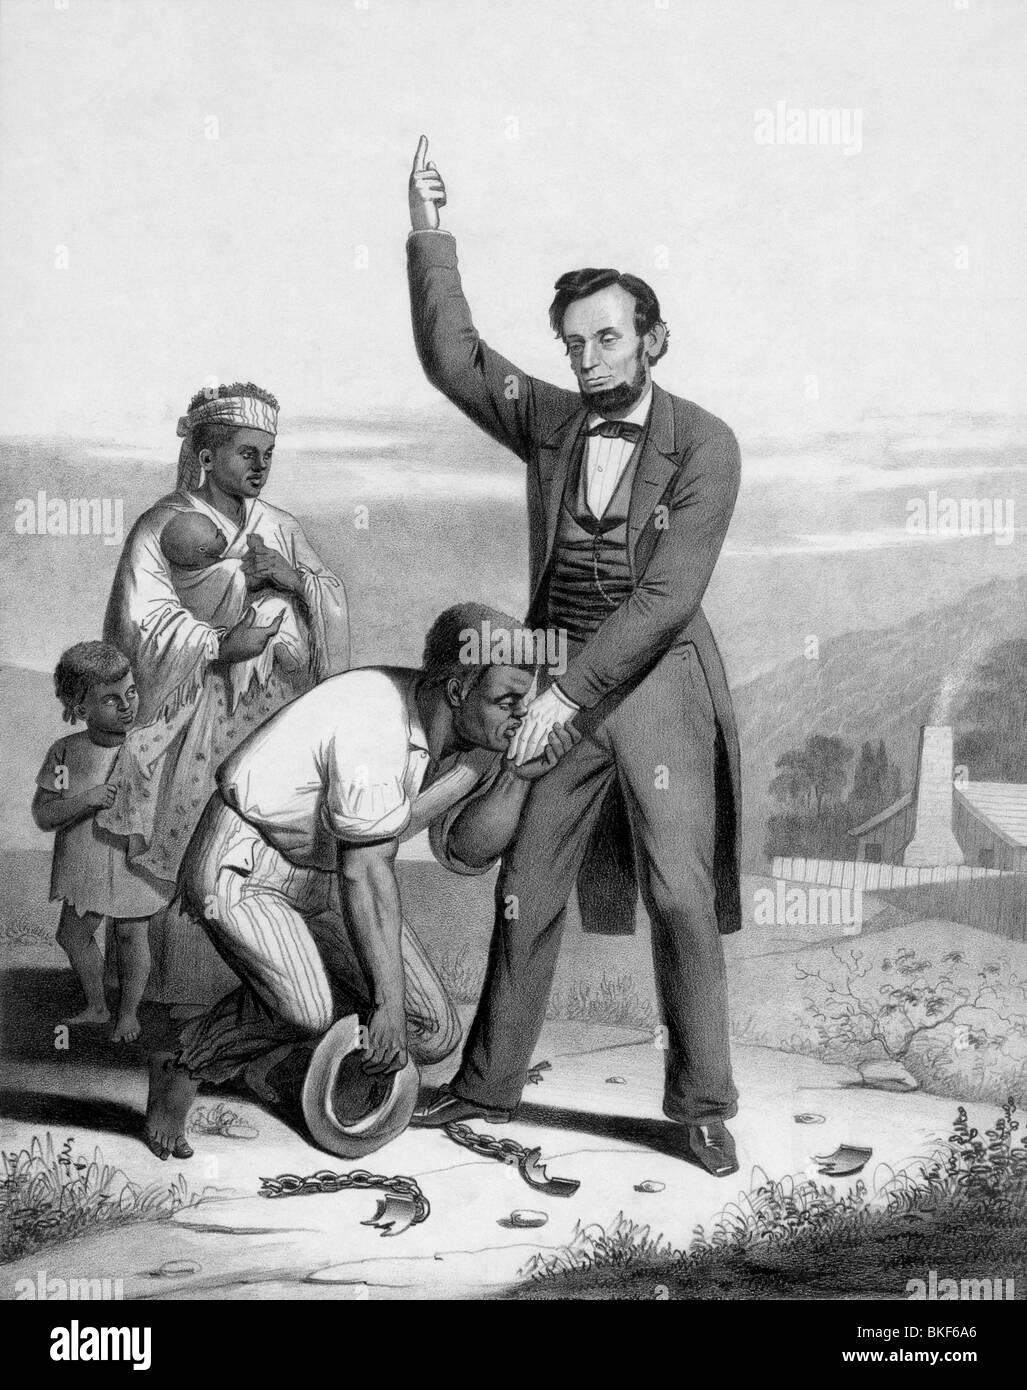 Stampa Vintage circa 1862 raffigurante il presidente statunitense Abraham Lincoln baciato sulla mano da un liberato Immagini Stock